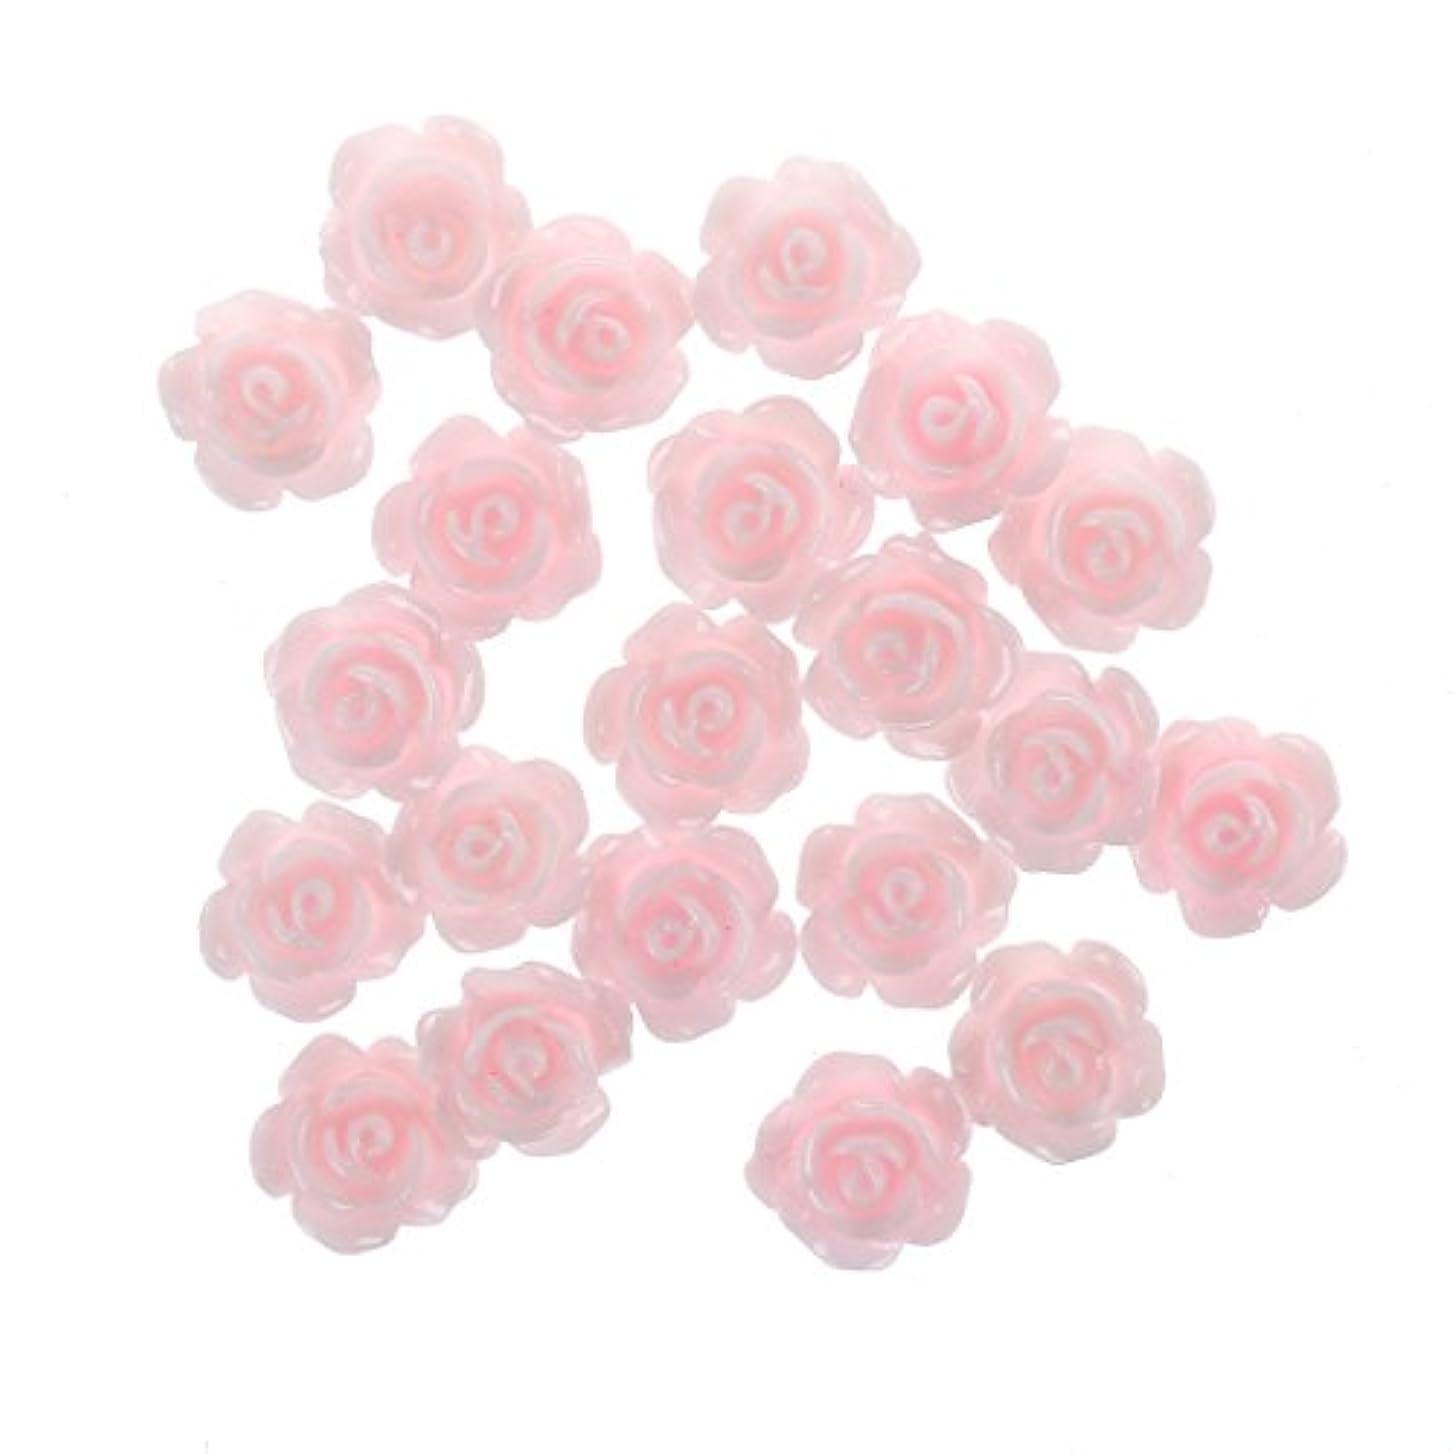 足首シングル記憶に残るGaoominy 20x3Dピンクの小さいバラ ラインストーン付きネイルアート装飾